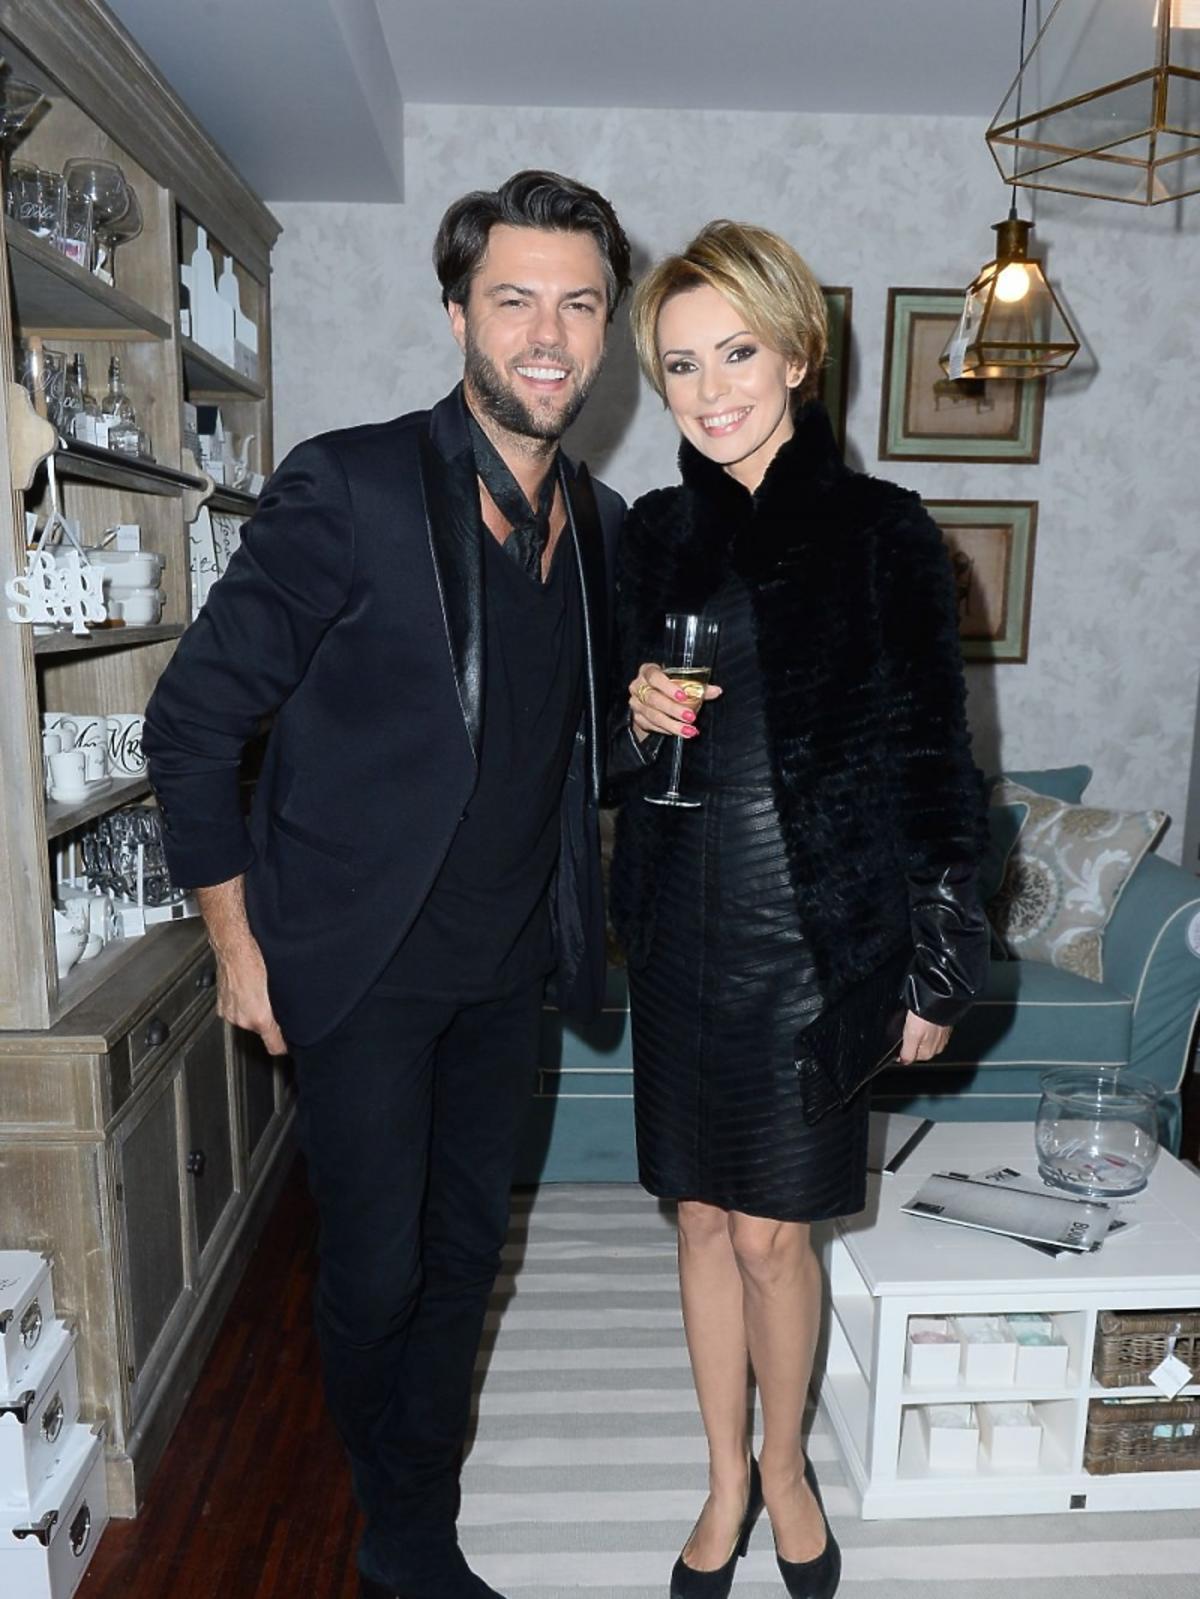 Olivier Janiak i Dorota Gardias na imprezie sklepu z meblami